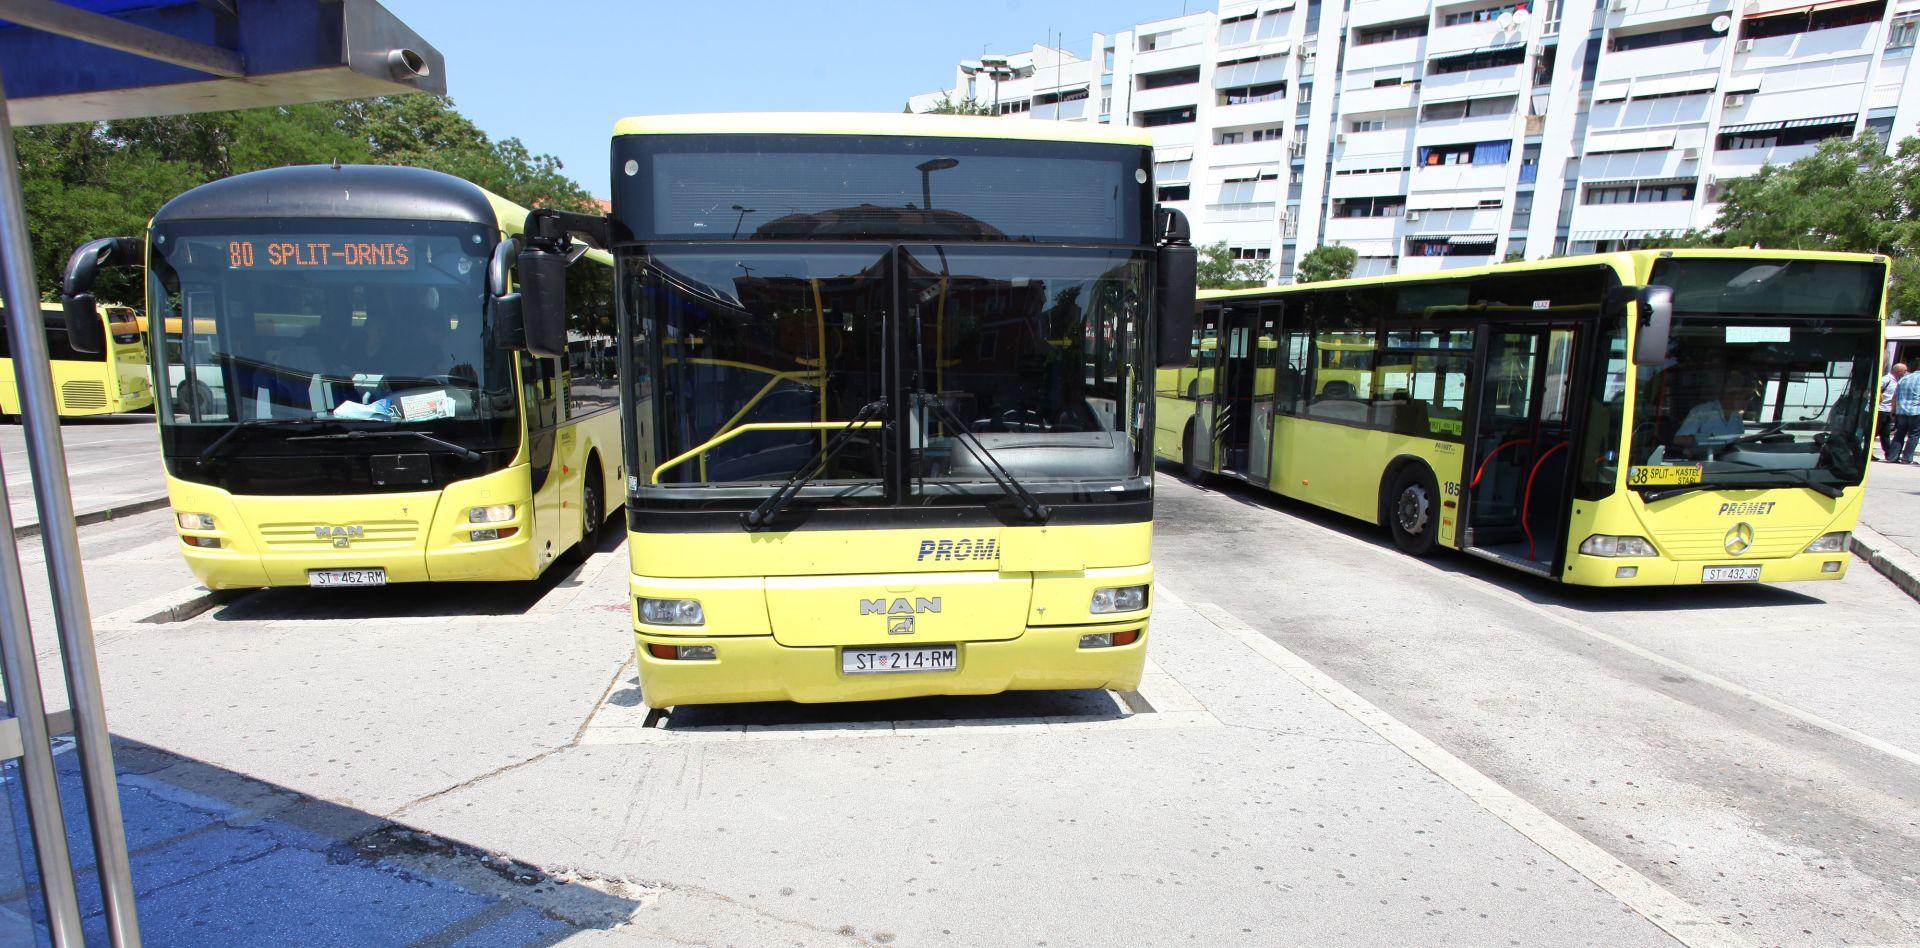 Bacio pivsku bocu na gradski autobus u Splitu; dvije putnice ozlijeđene